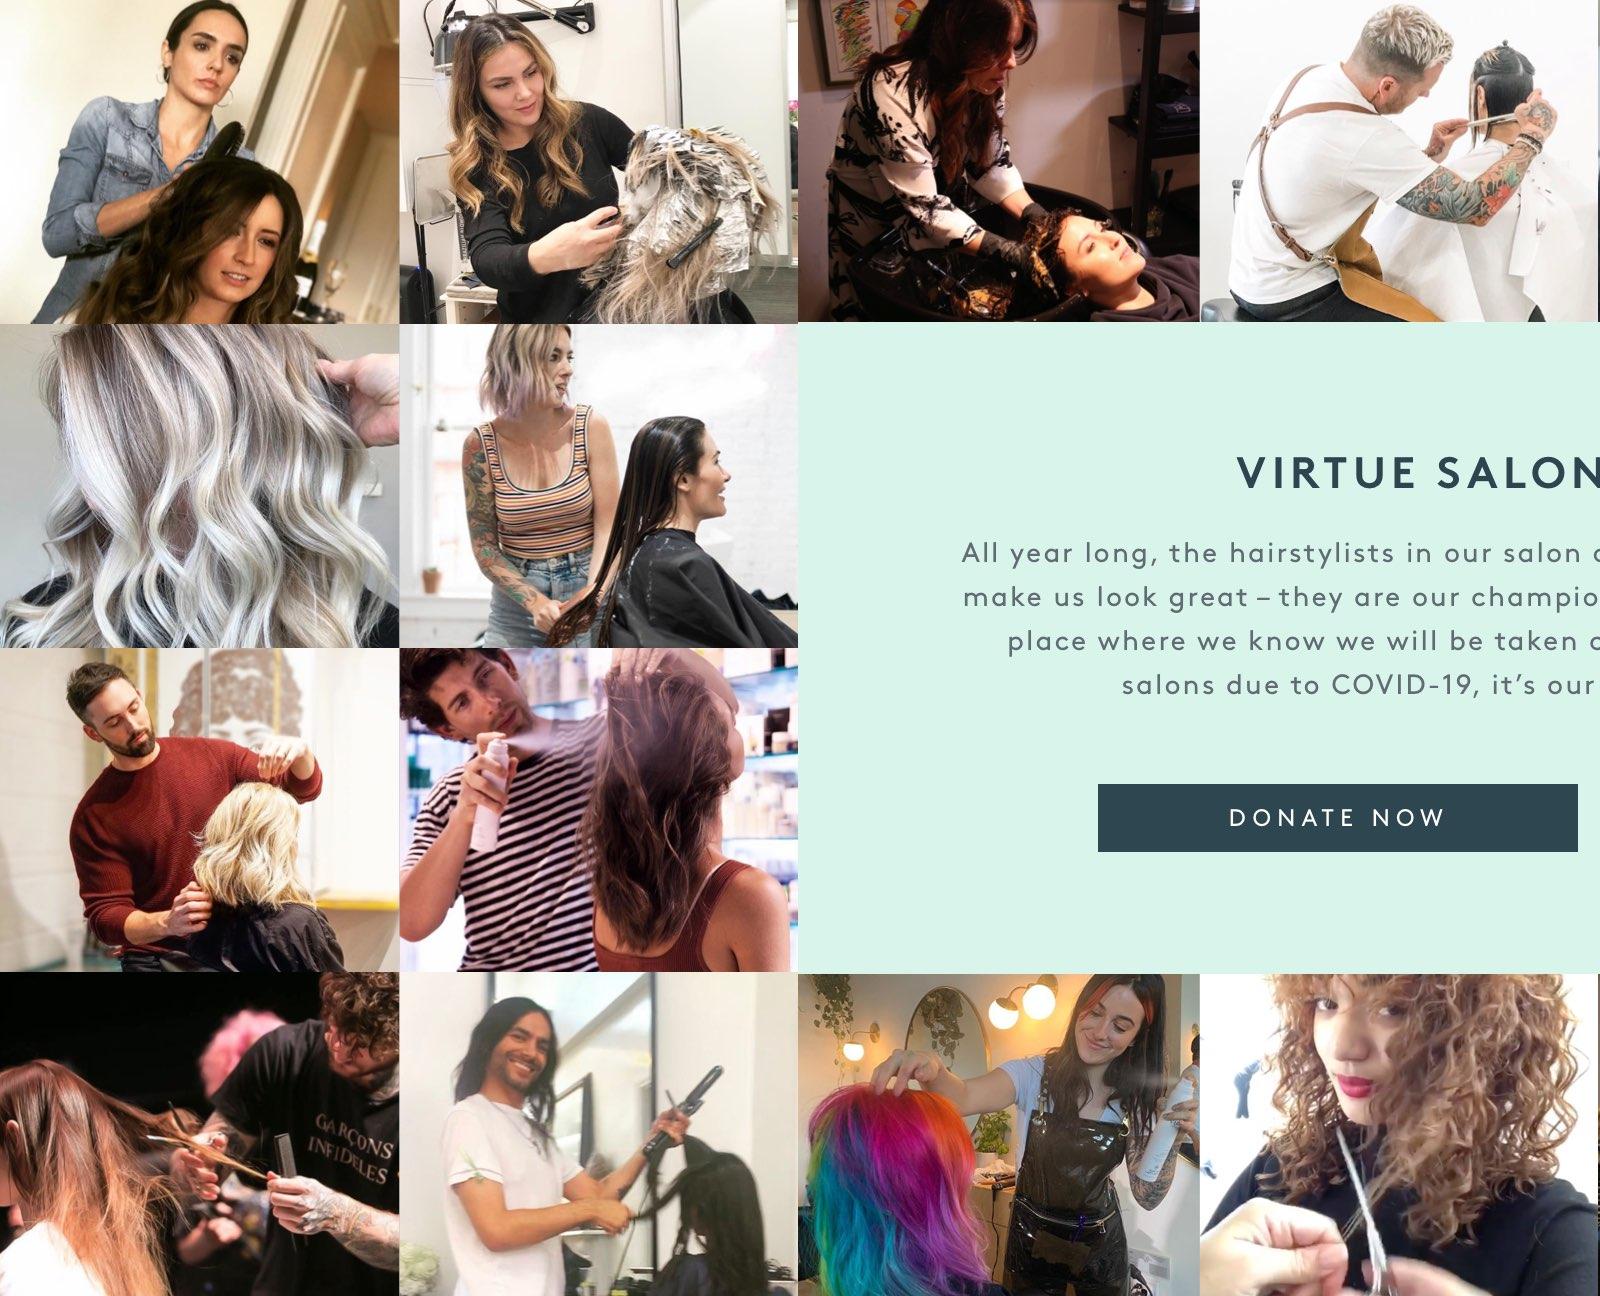 Virtue Salon Relief Fund